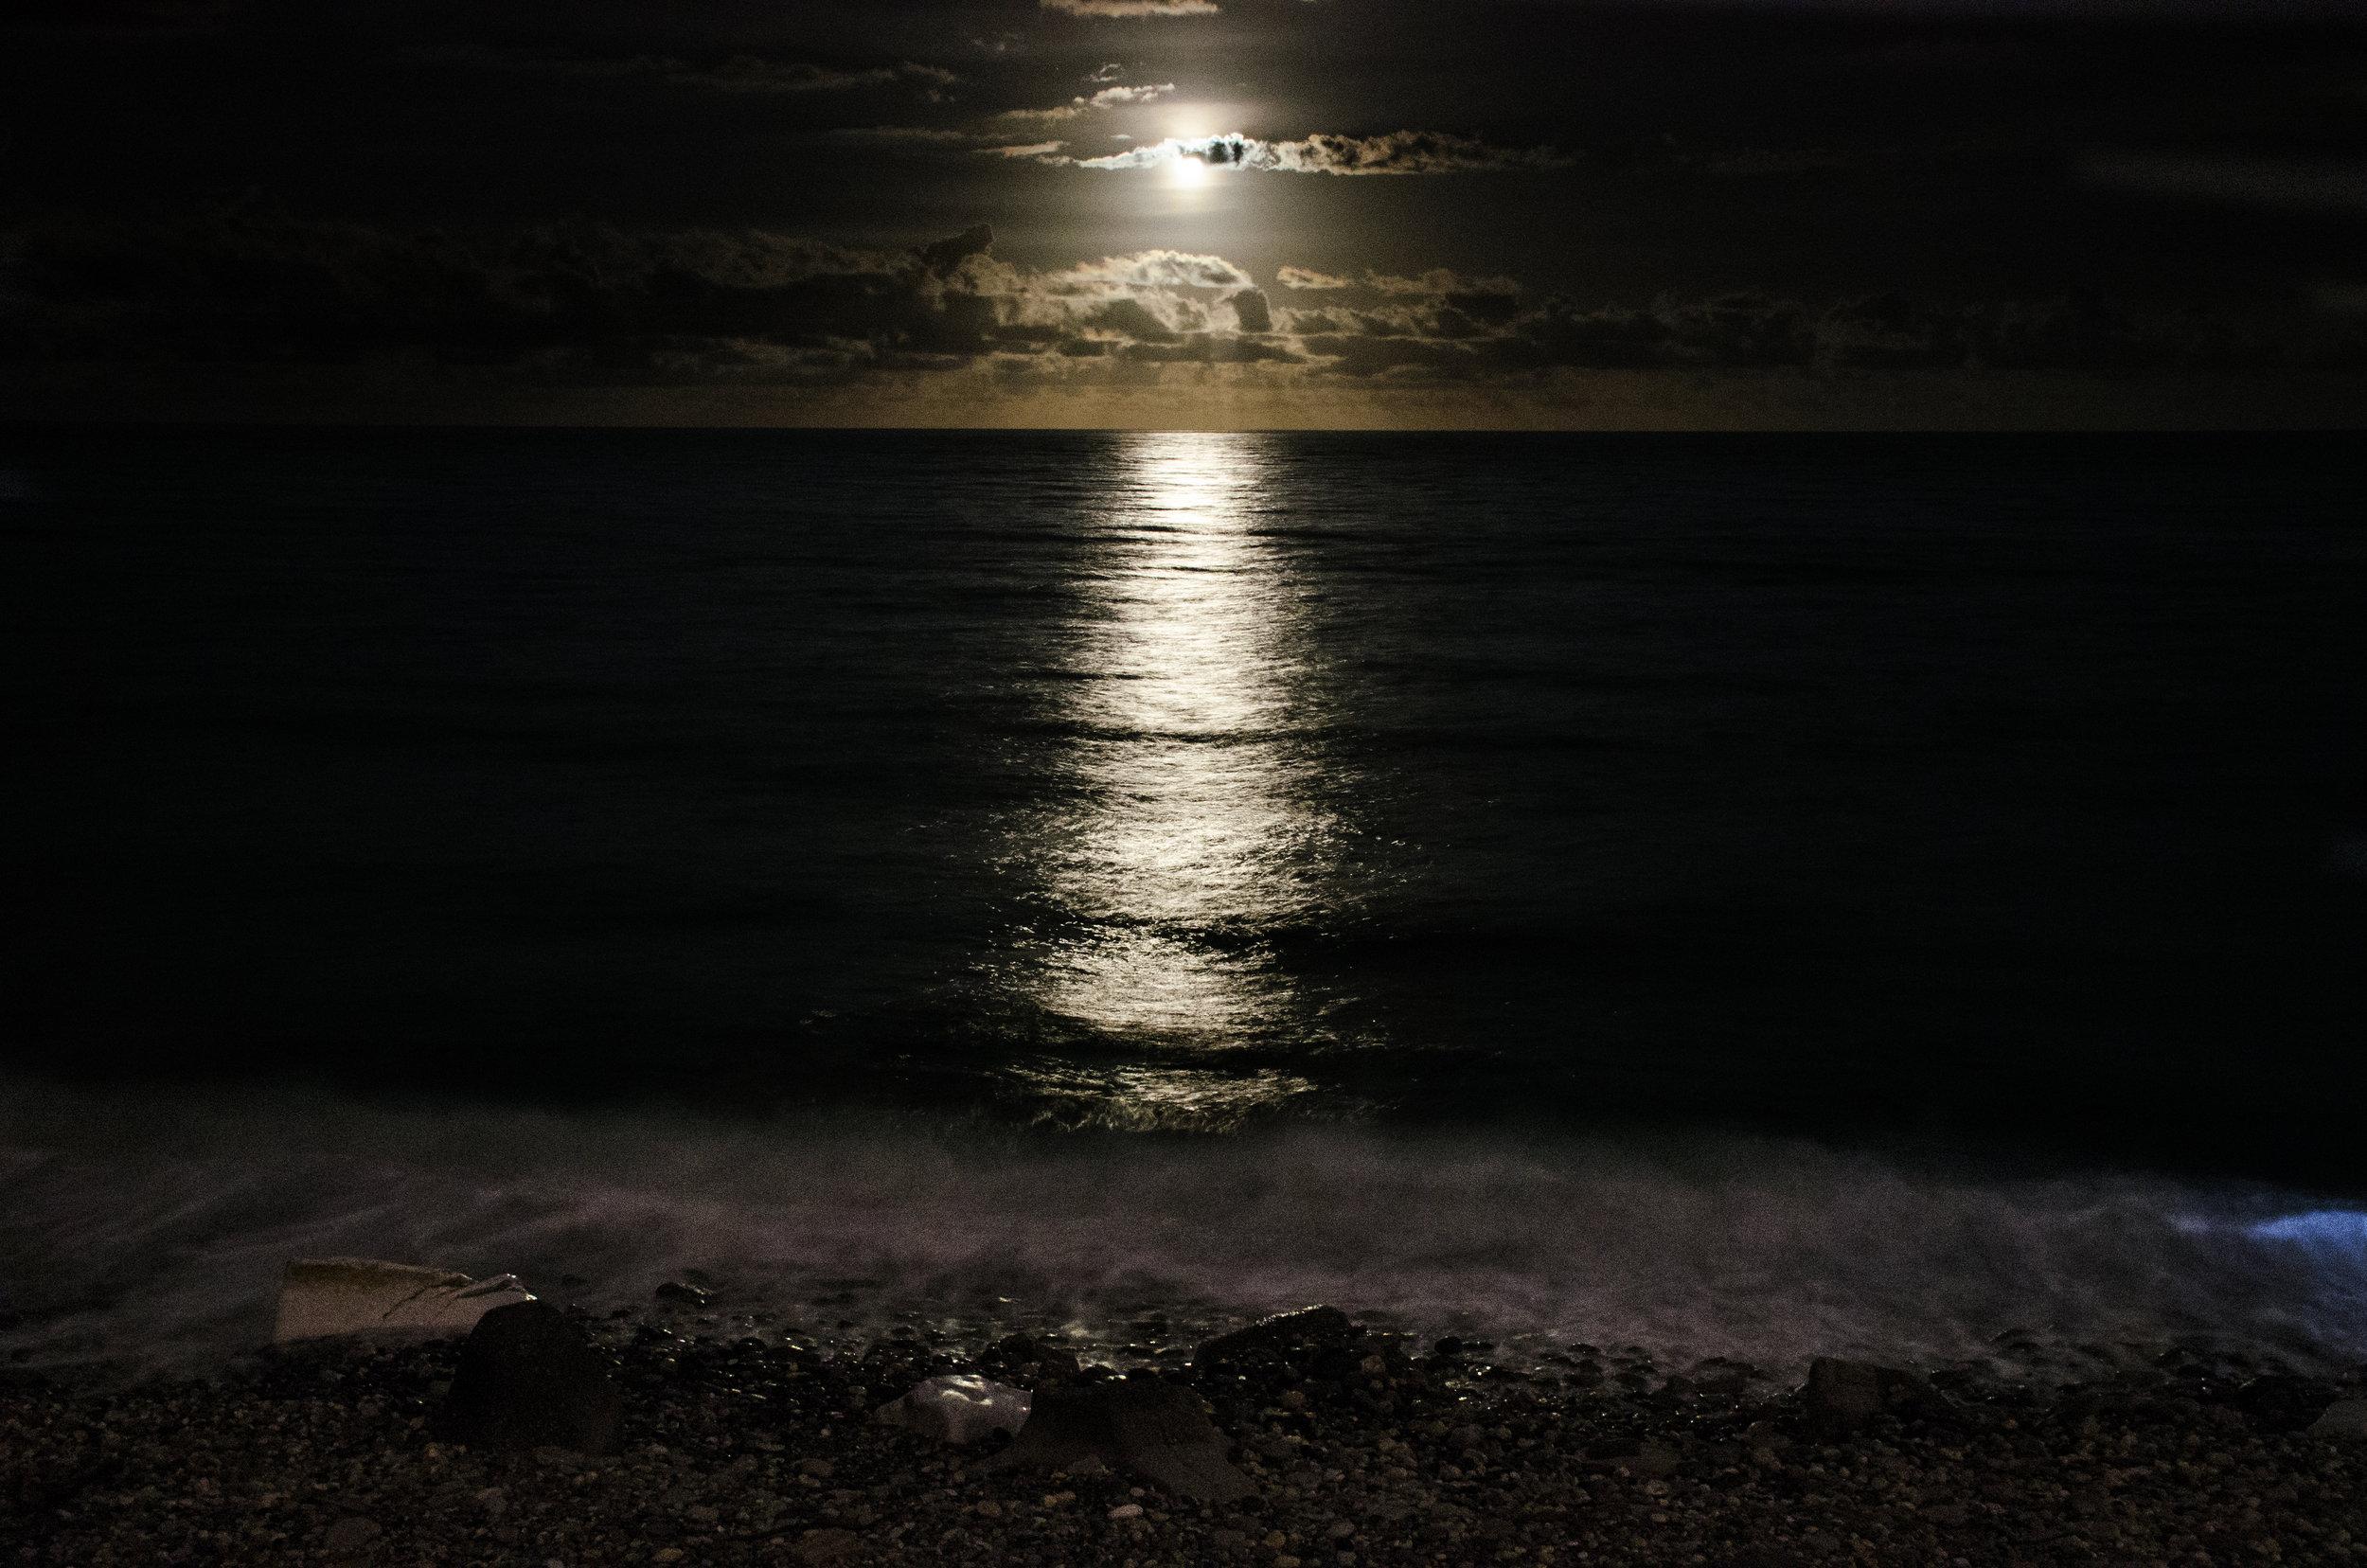 花蓮市周邊的任何一處海岸,都能觀賞月光海